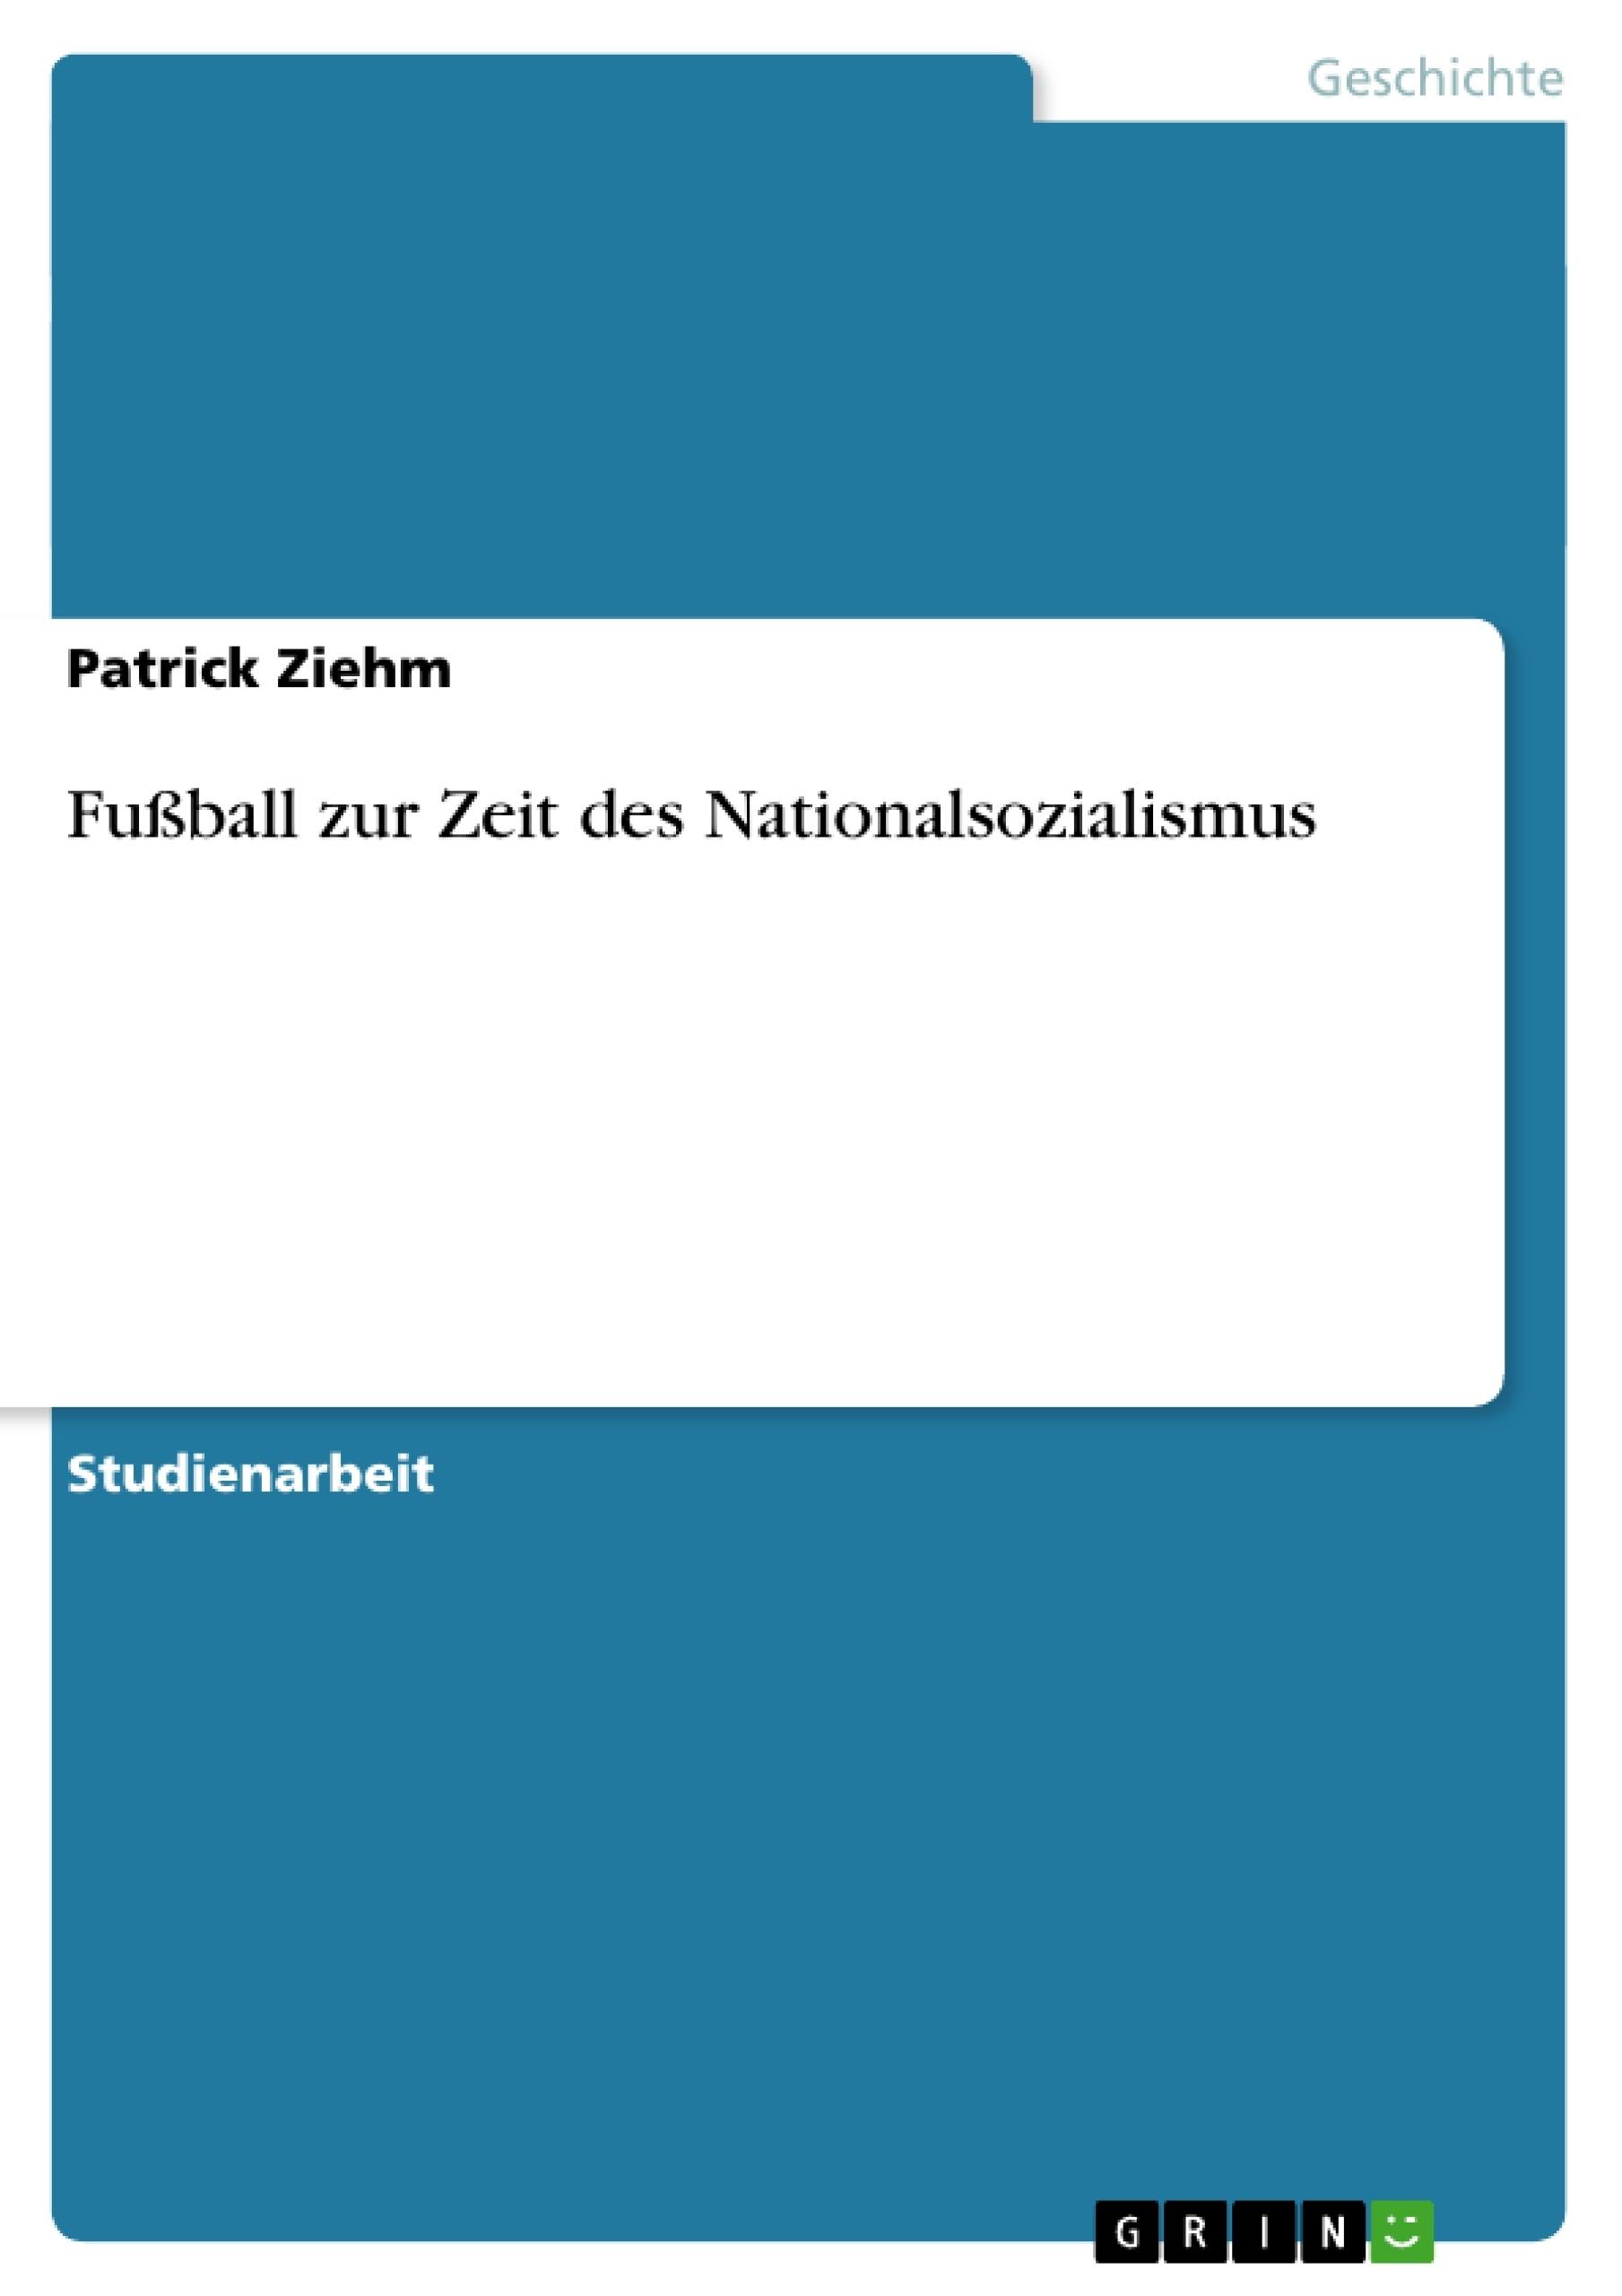 Titel: Fußball zur Zeit des Nationalsozialismus